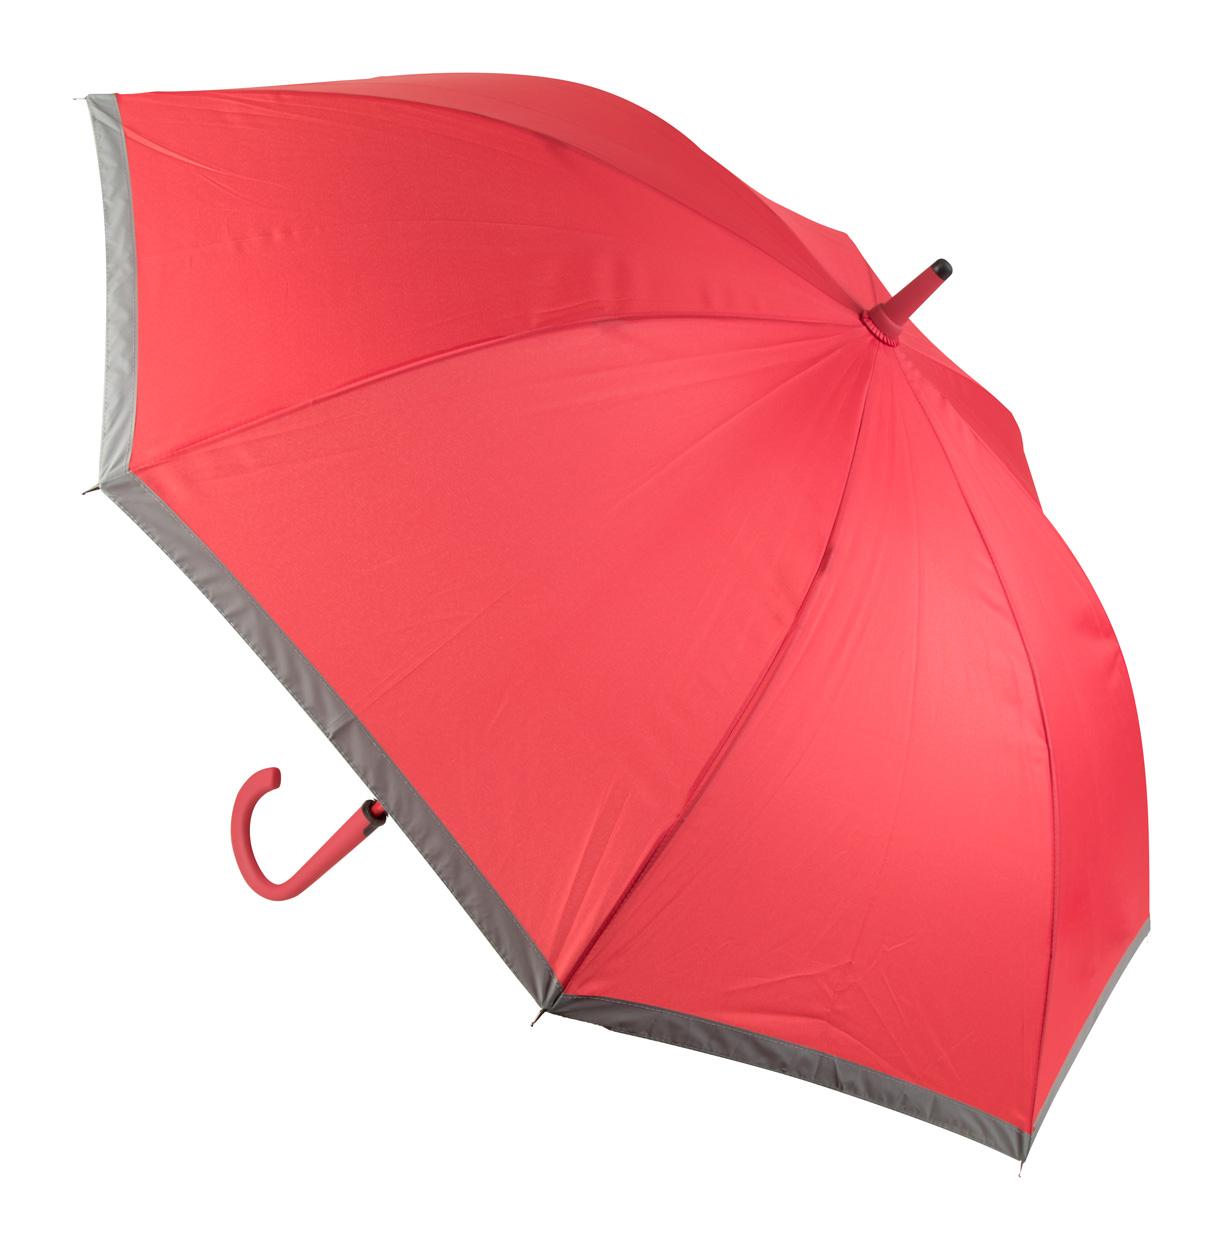 Nimbos ombrello